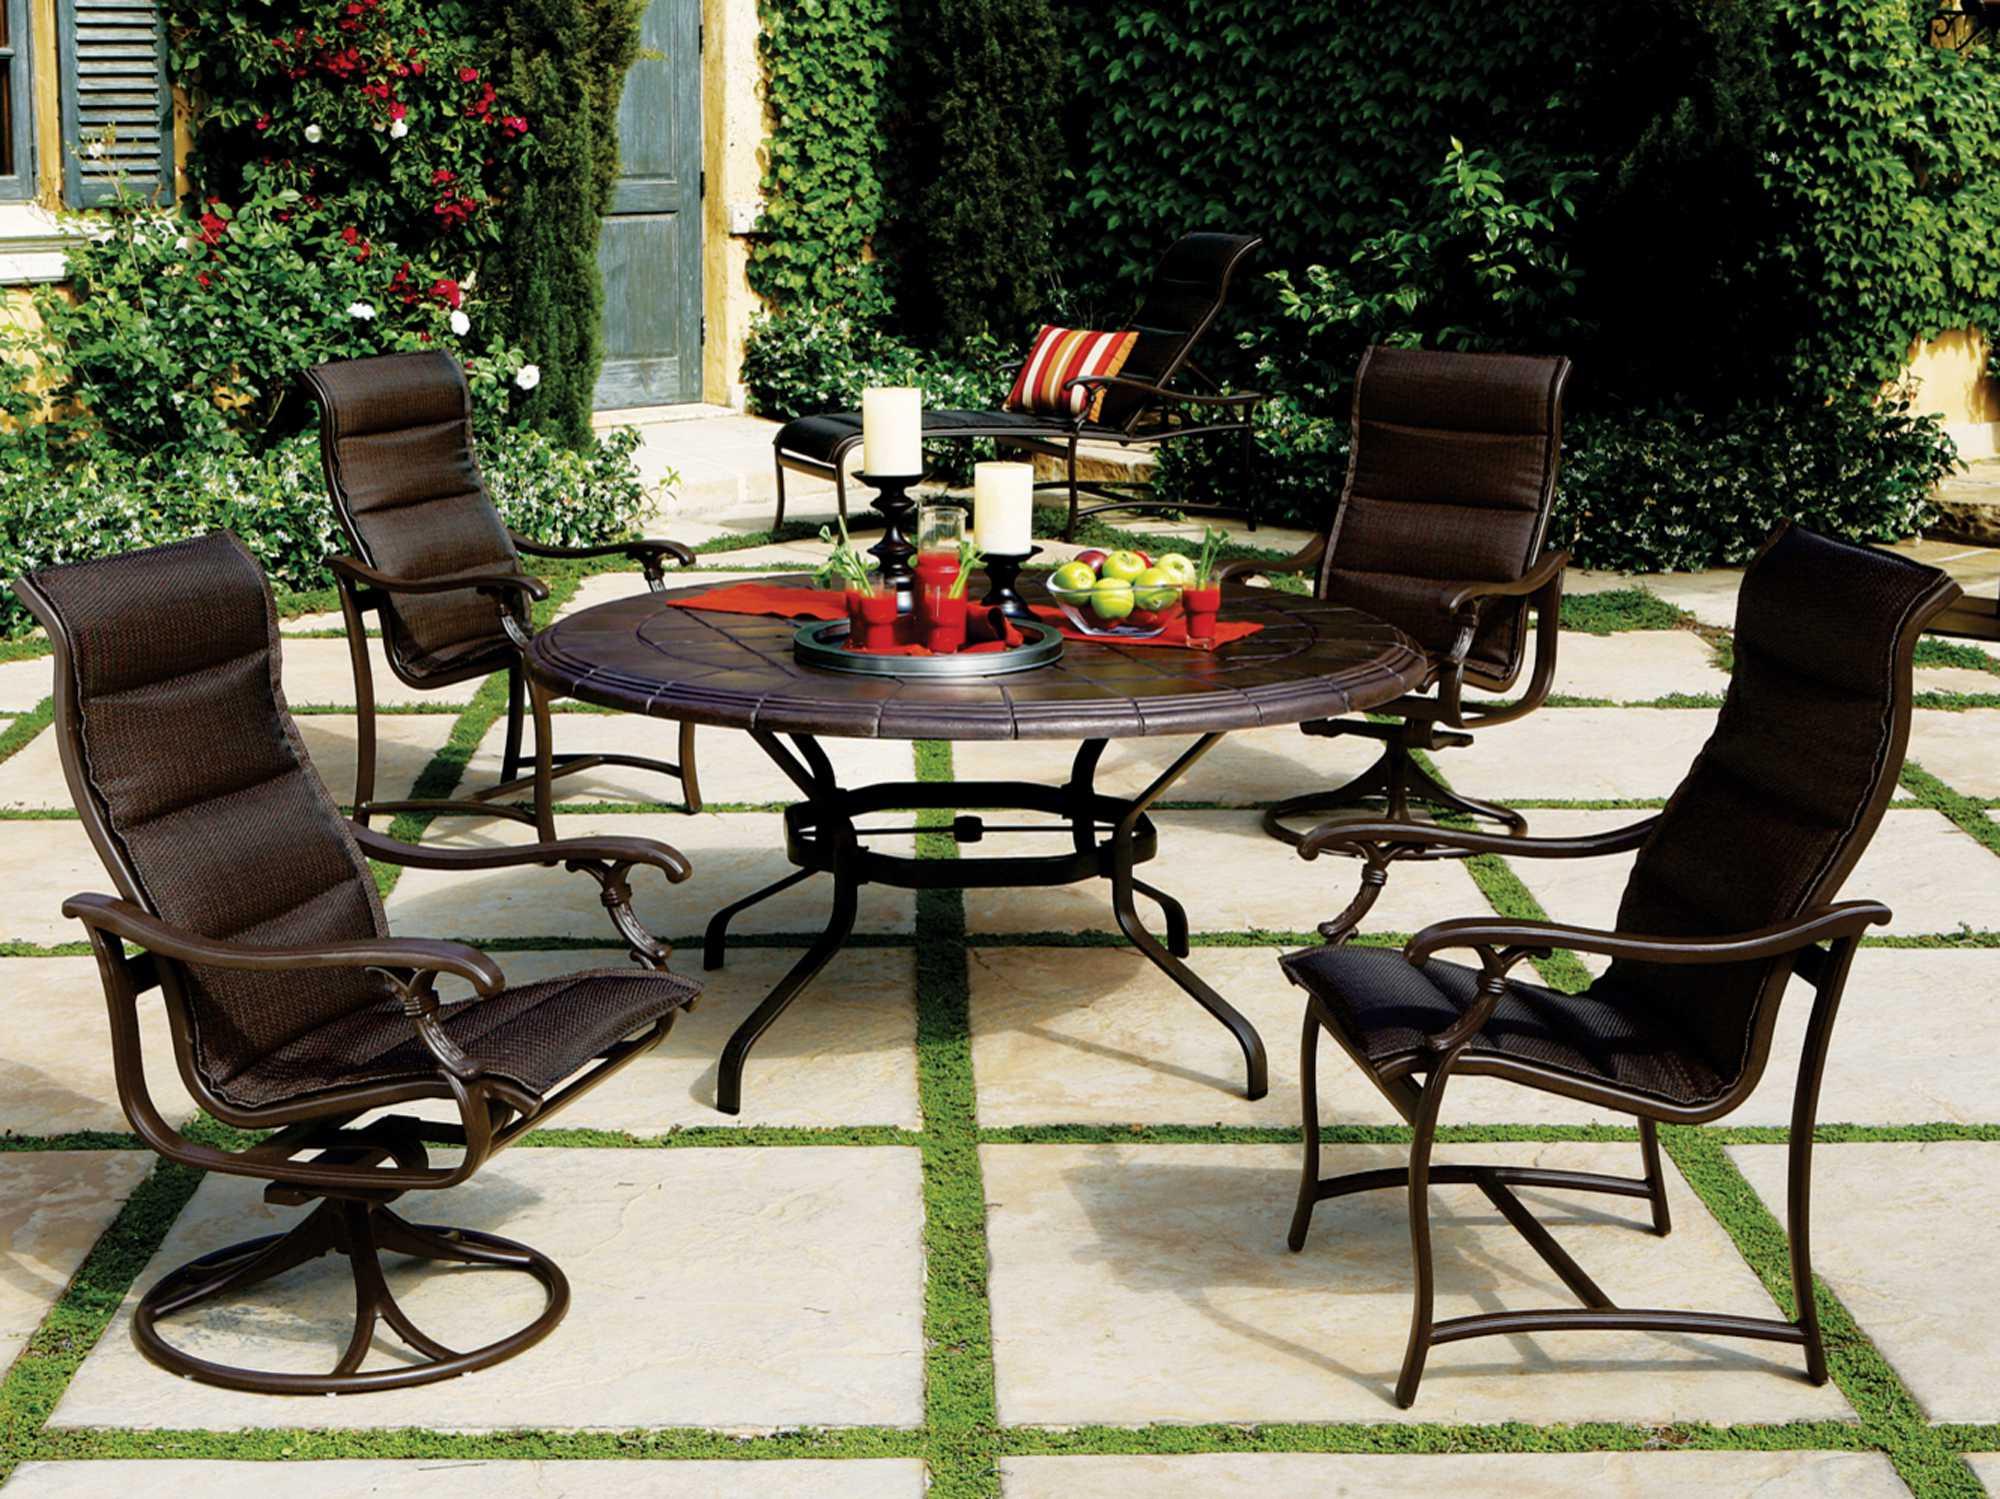 Tropitone Stoneworks Sabia  Round Table Top SAR - Tropitone outdoor furniture